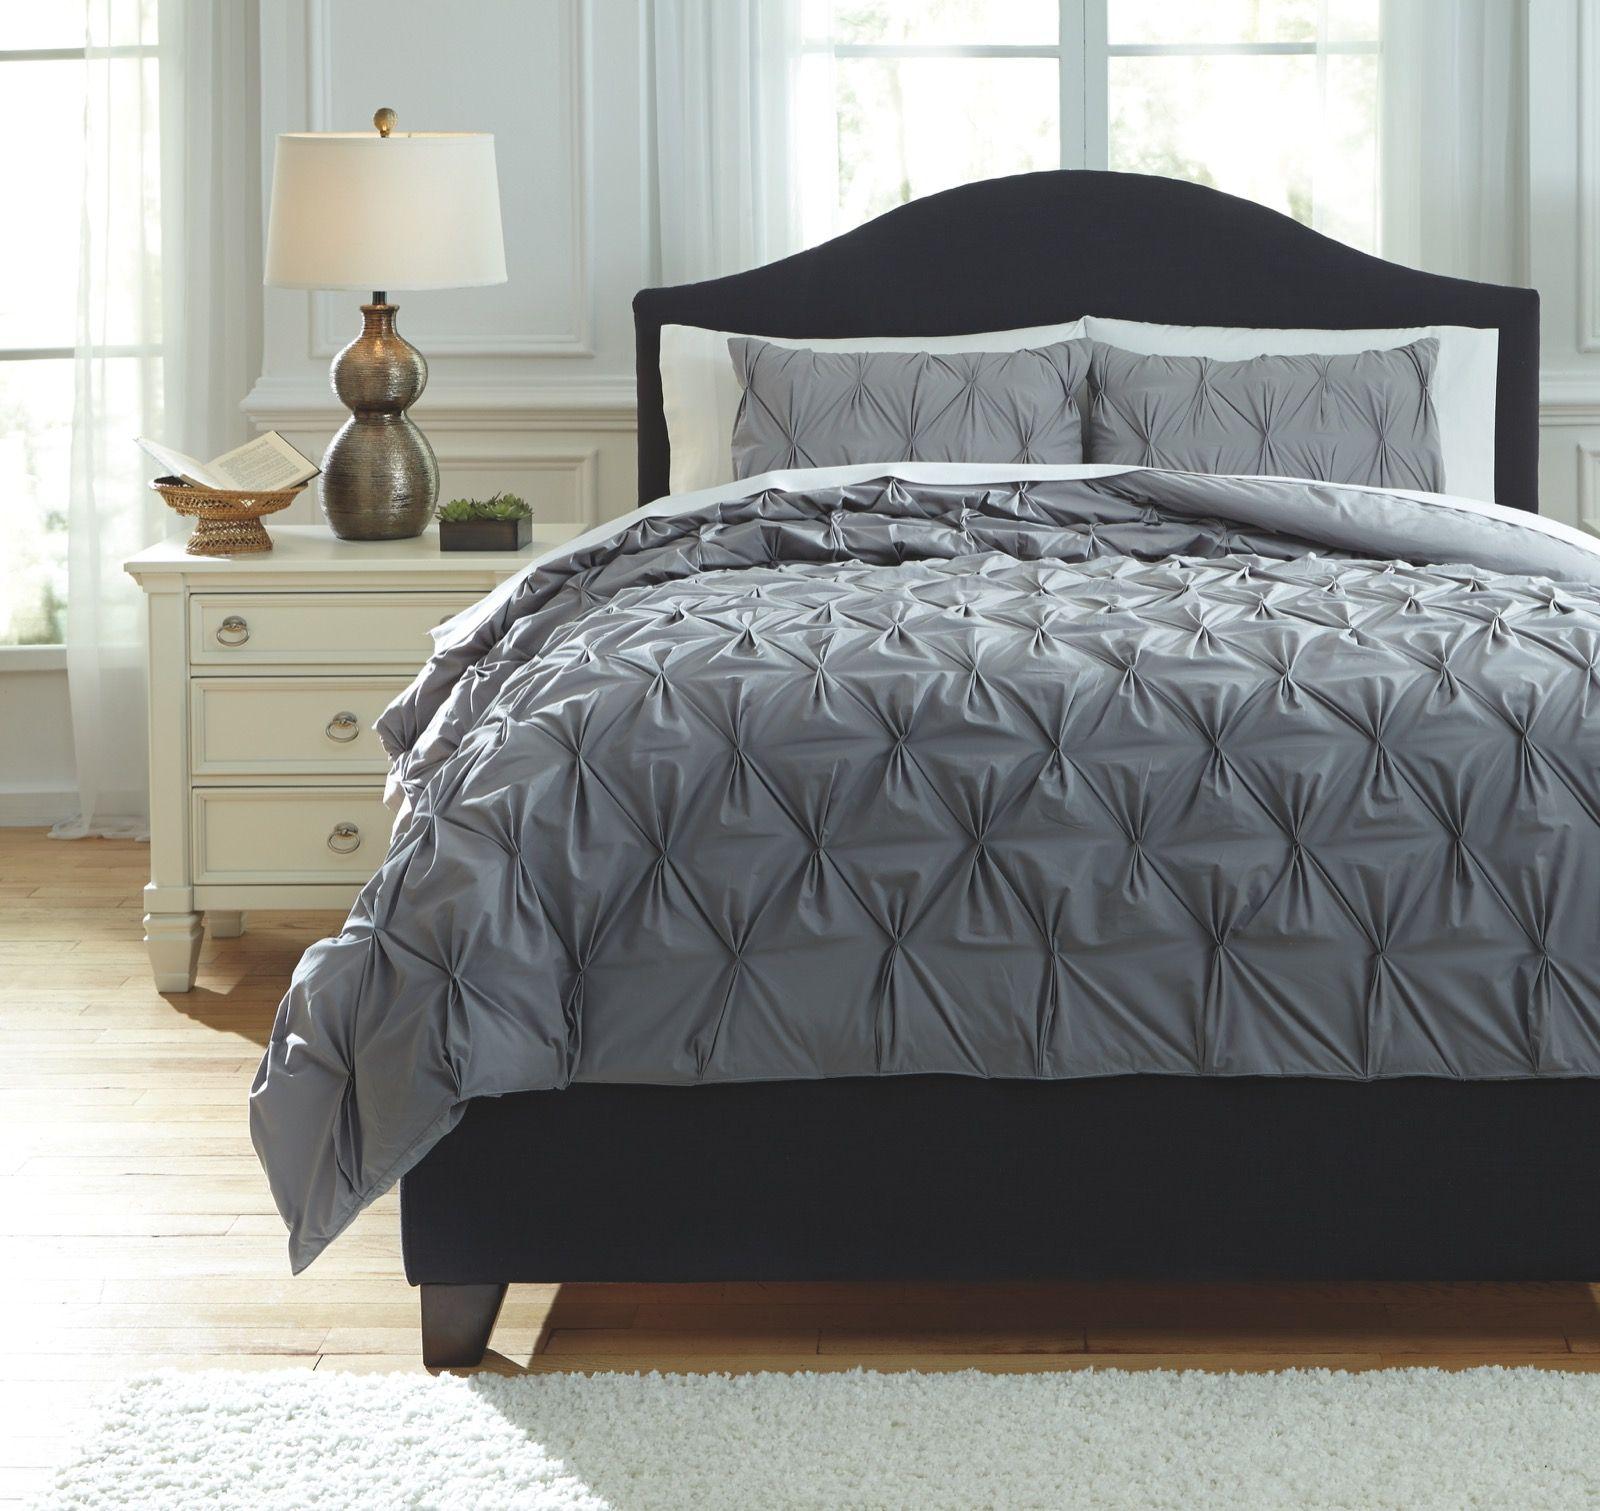 Comforter Sets Queen.Signature Design Rimy Gray Queen Comforter Set Duvets Covers